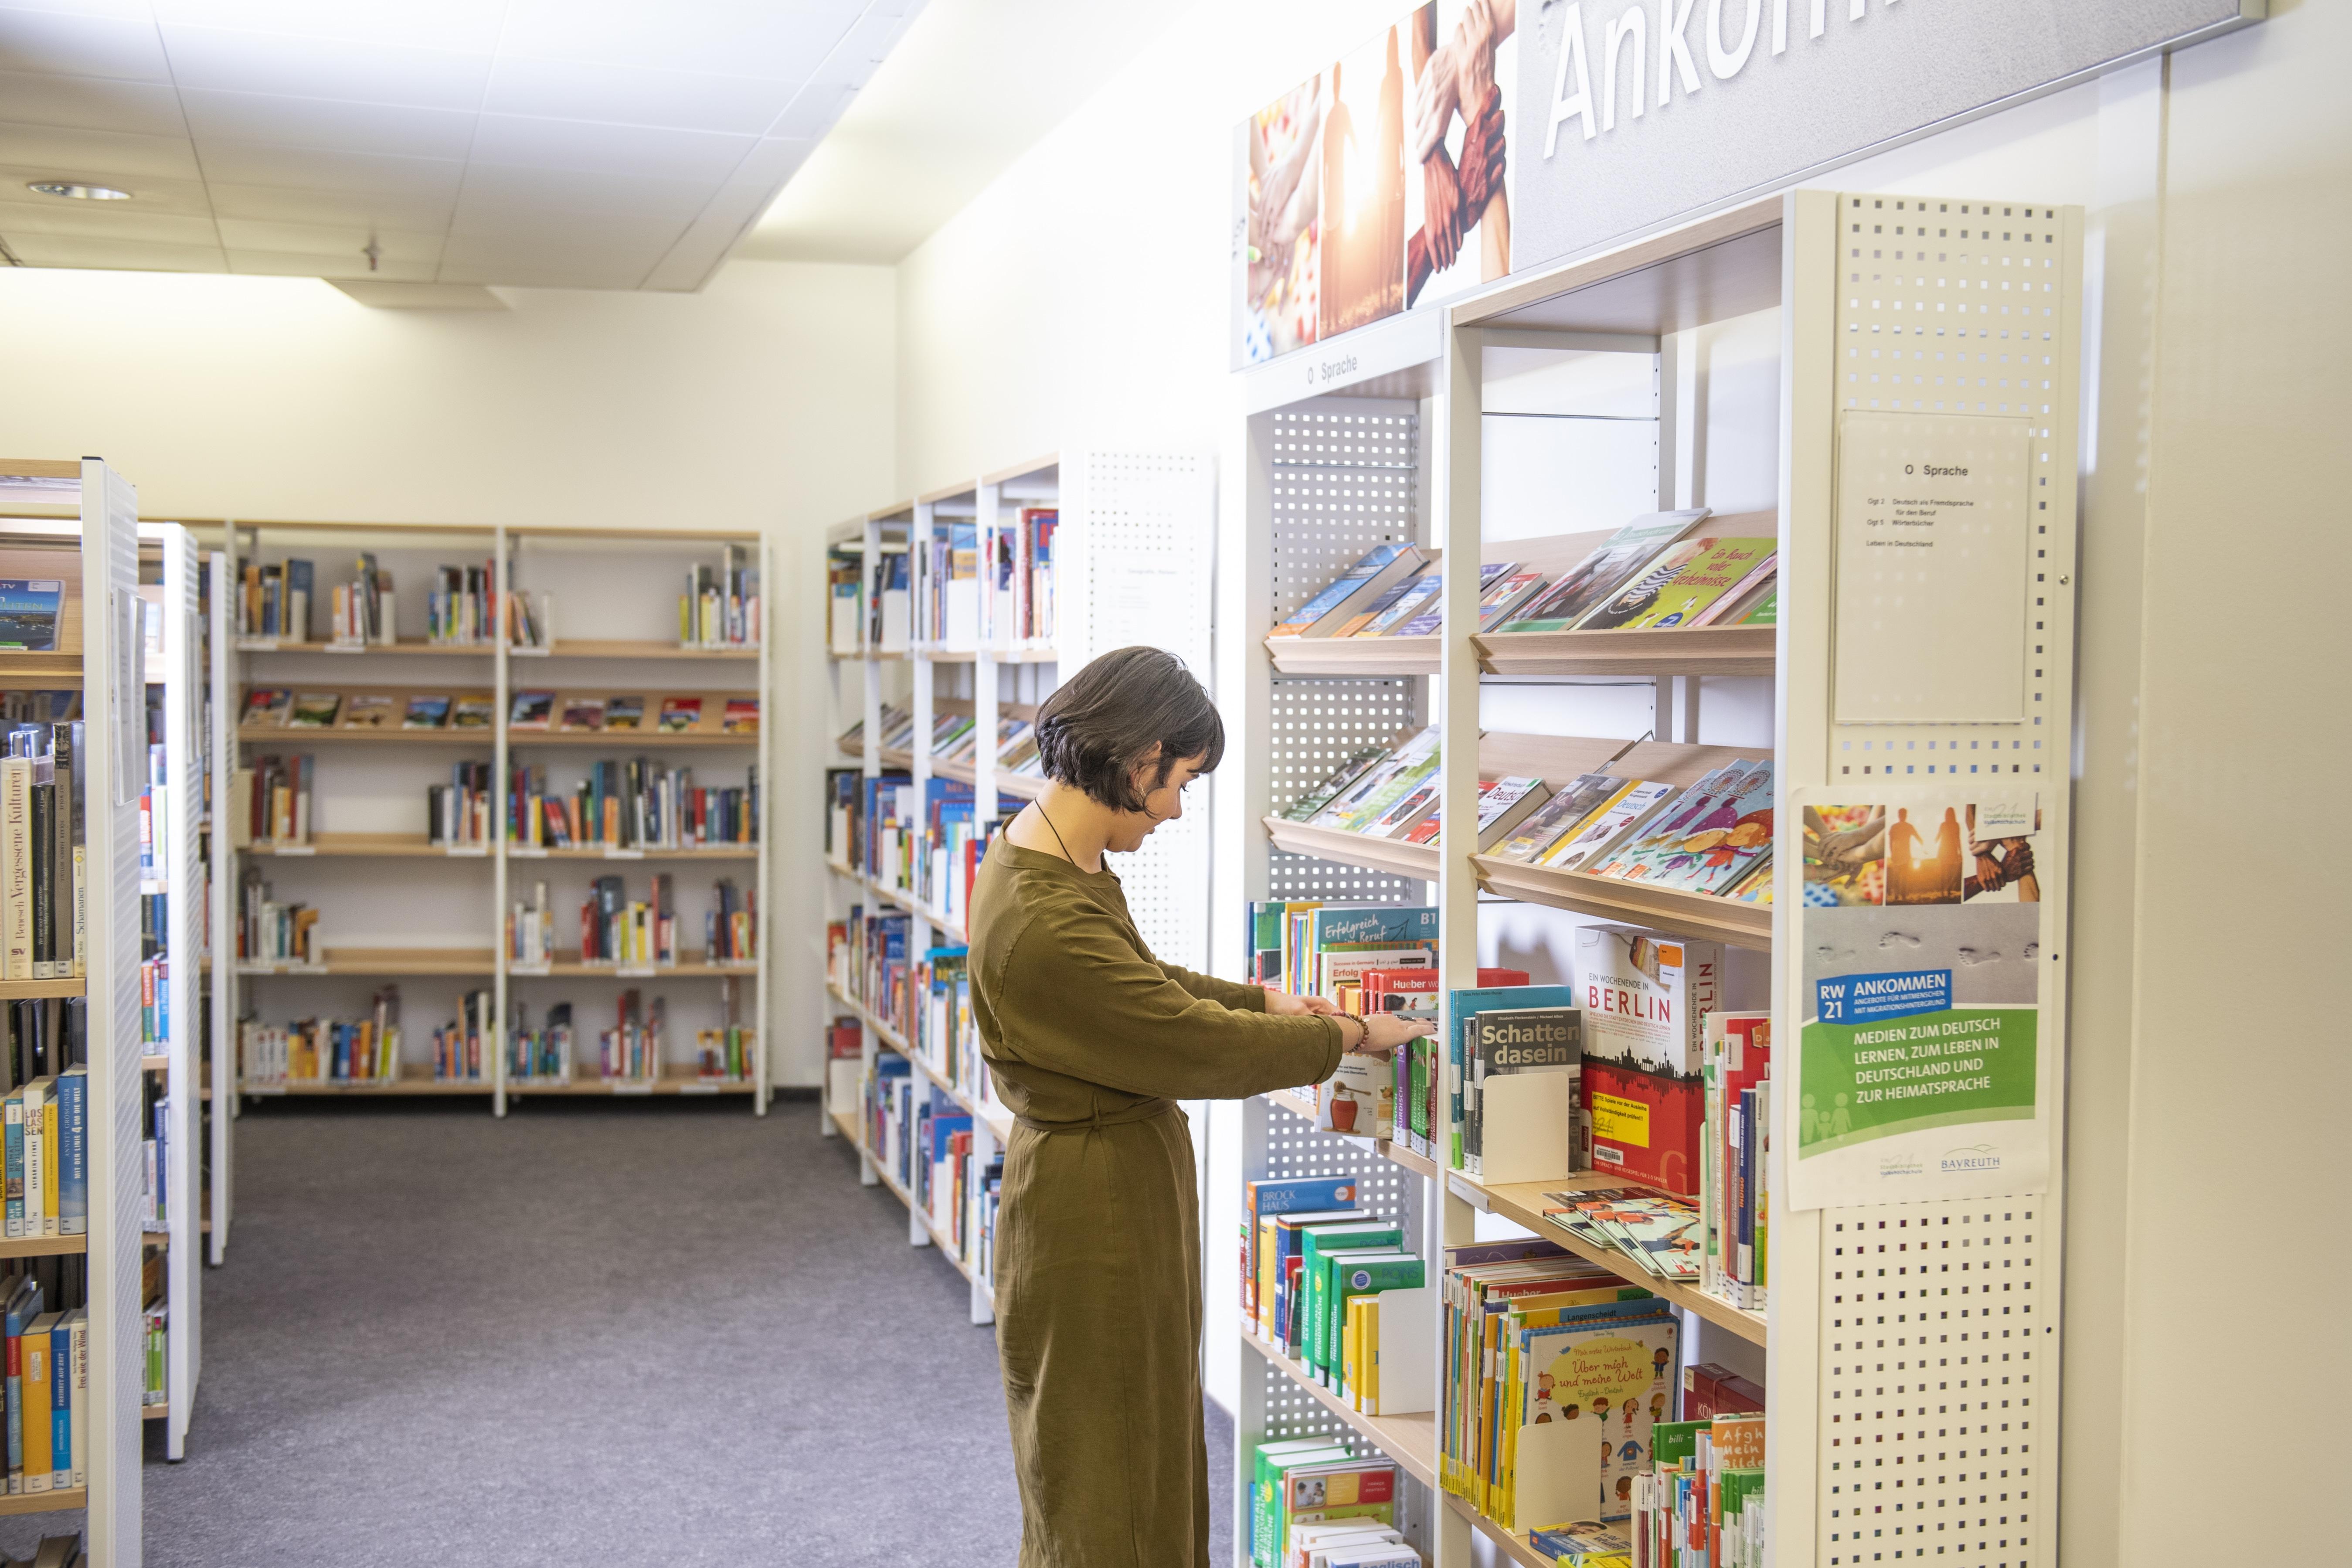 Bücherregal mit Frau